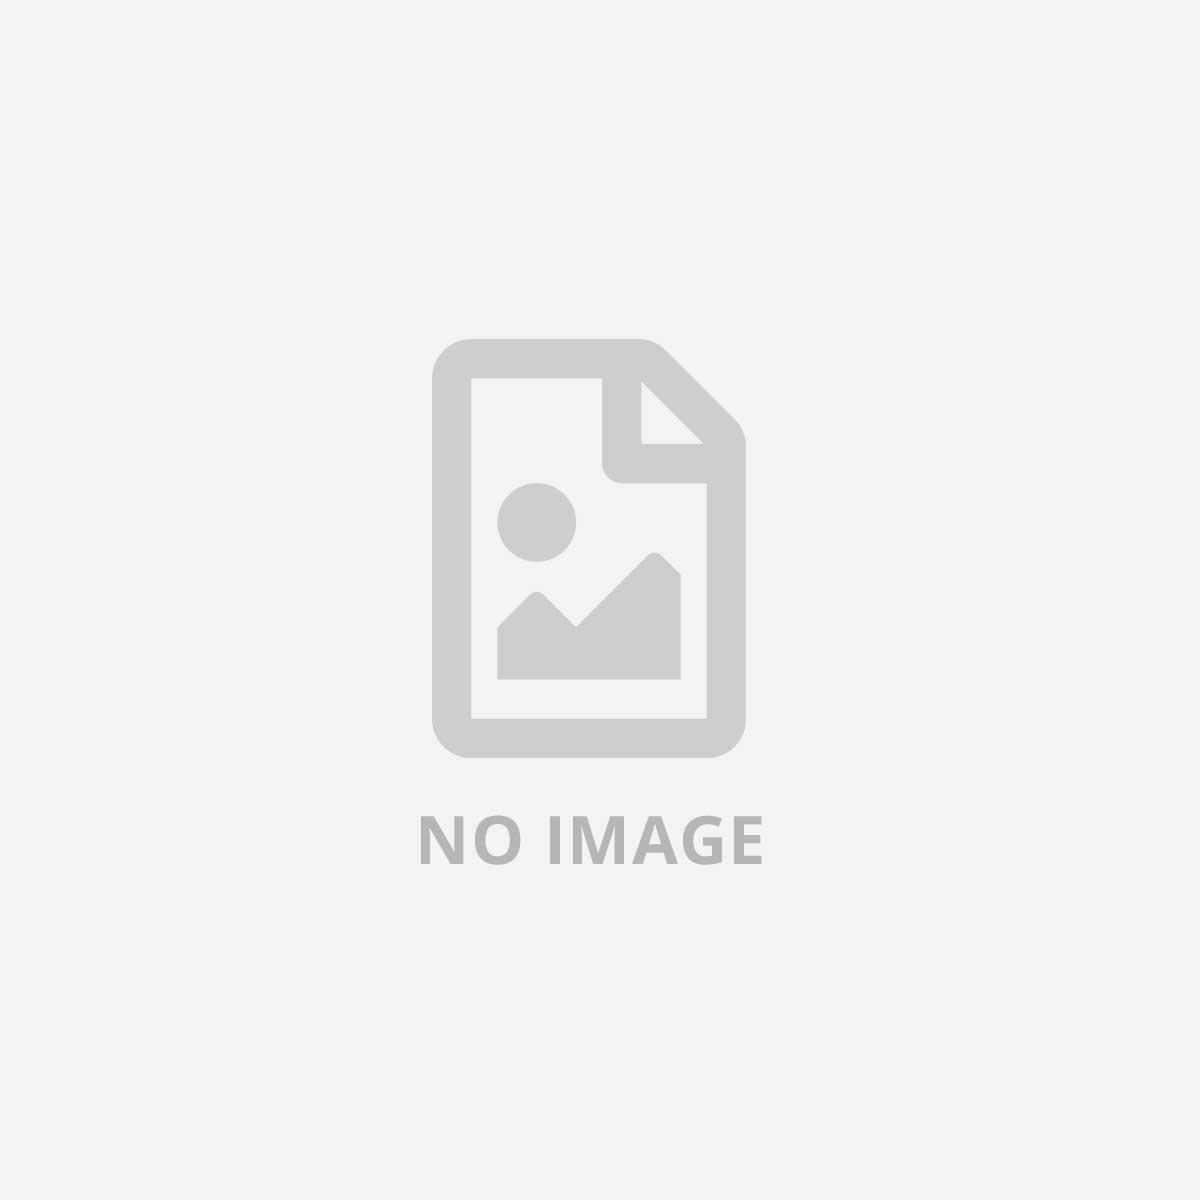 DELL T140 / E-2224 / 8GB / 1TBHDD